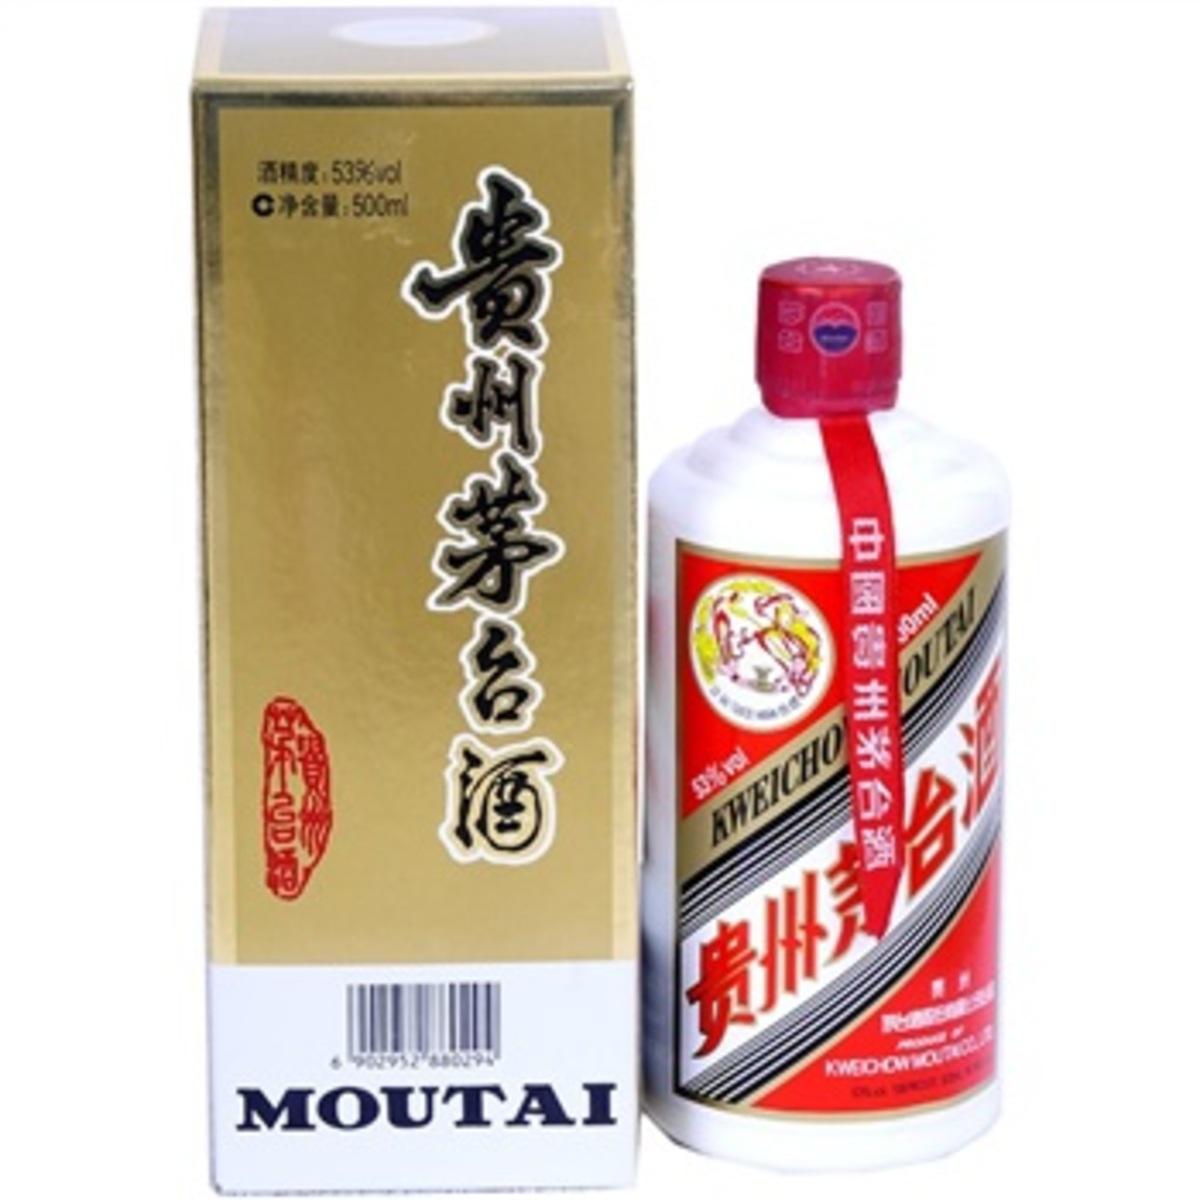 貴州茅台酒 500毫升 53% 酒精度 醬香型白酒